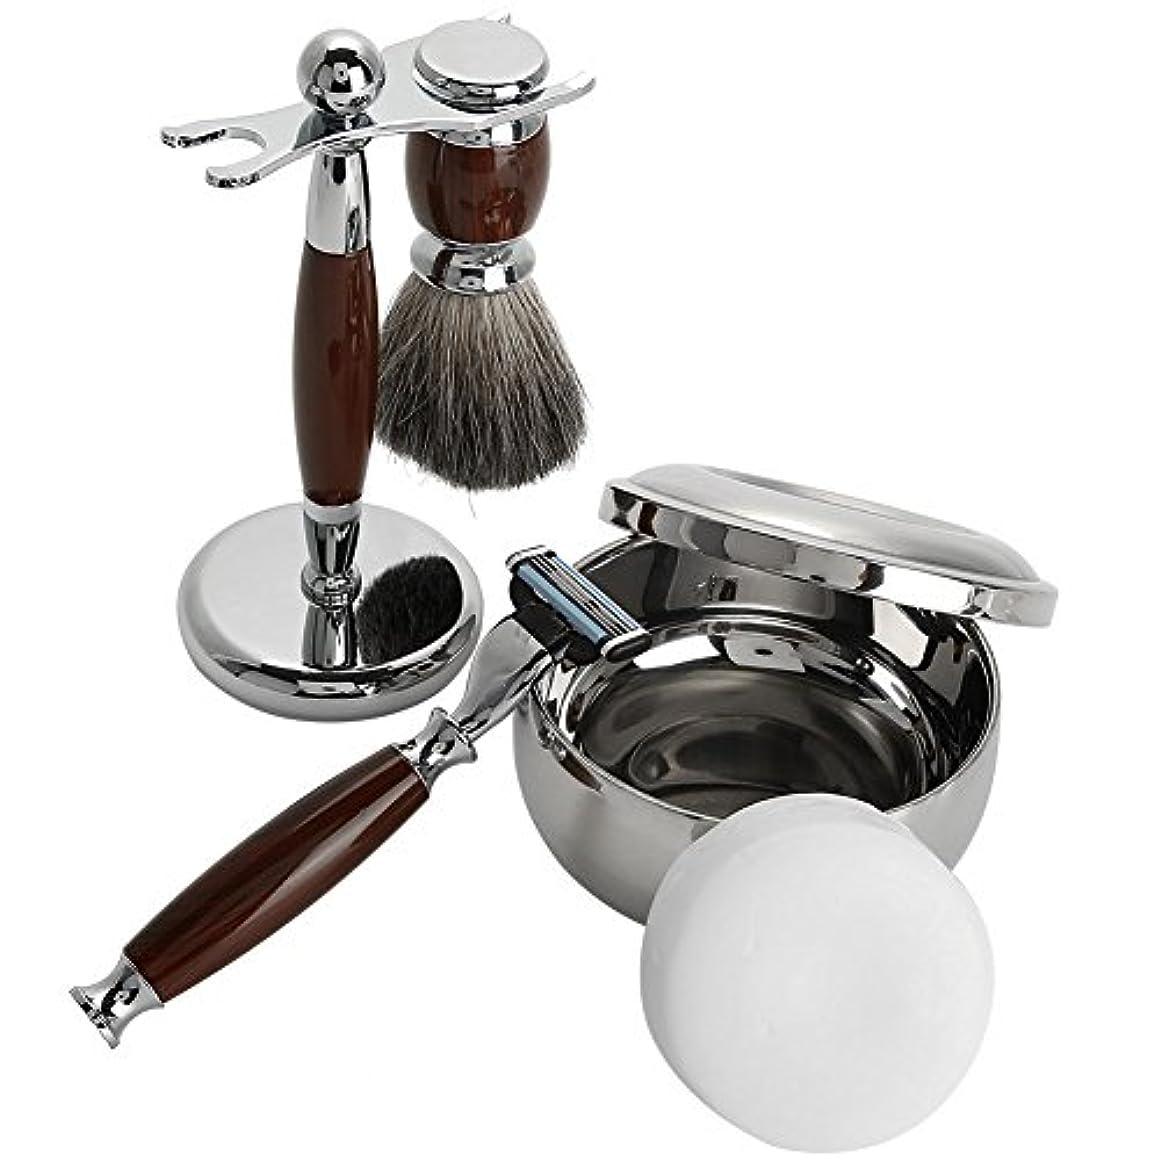 研究所癒す勇者剃刀 -Dewin シェービングブラシセット、剃刀スタンド、石鹸ボウル、石鹸、洗顔ブラシ、髭剃り、泡立ち、メンズ